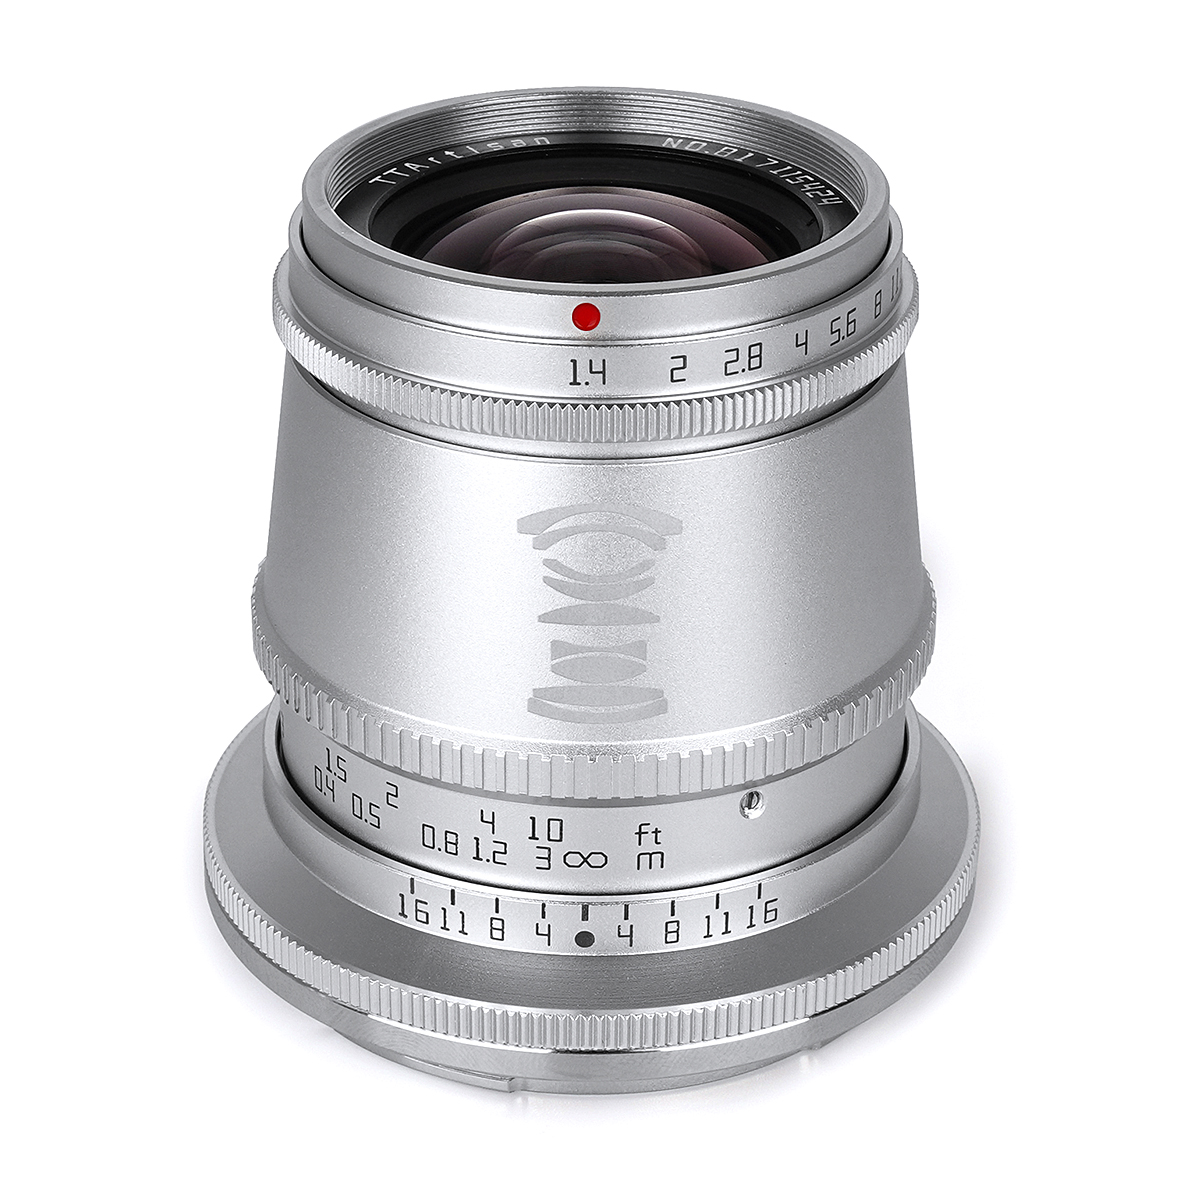 銘匠光学 TTArtisan 17mm f/1.4 C ASPH ニコンZ シルバー